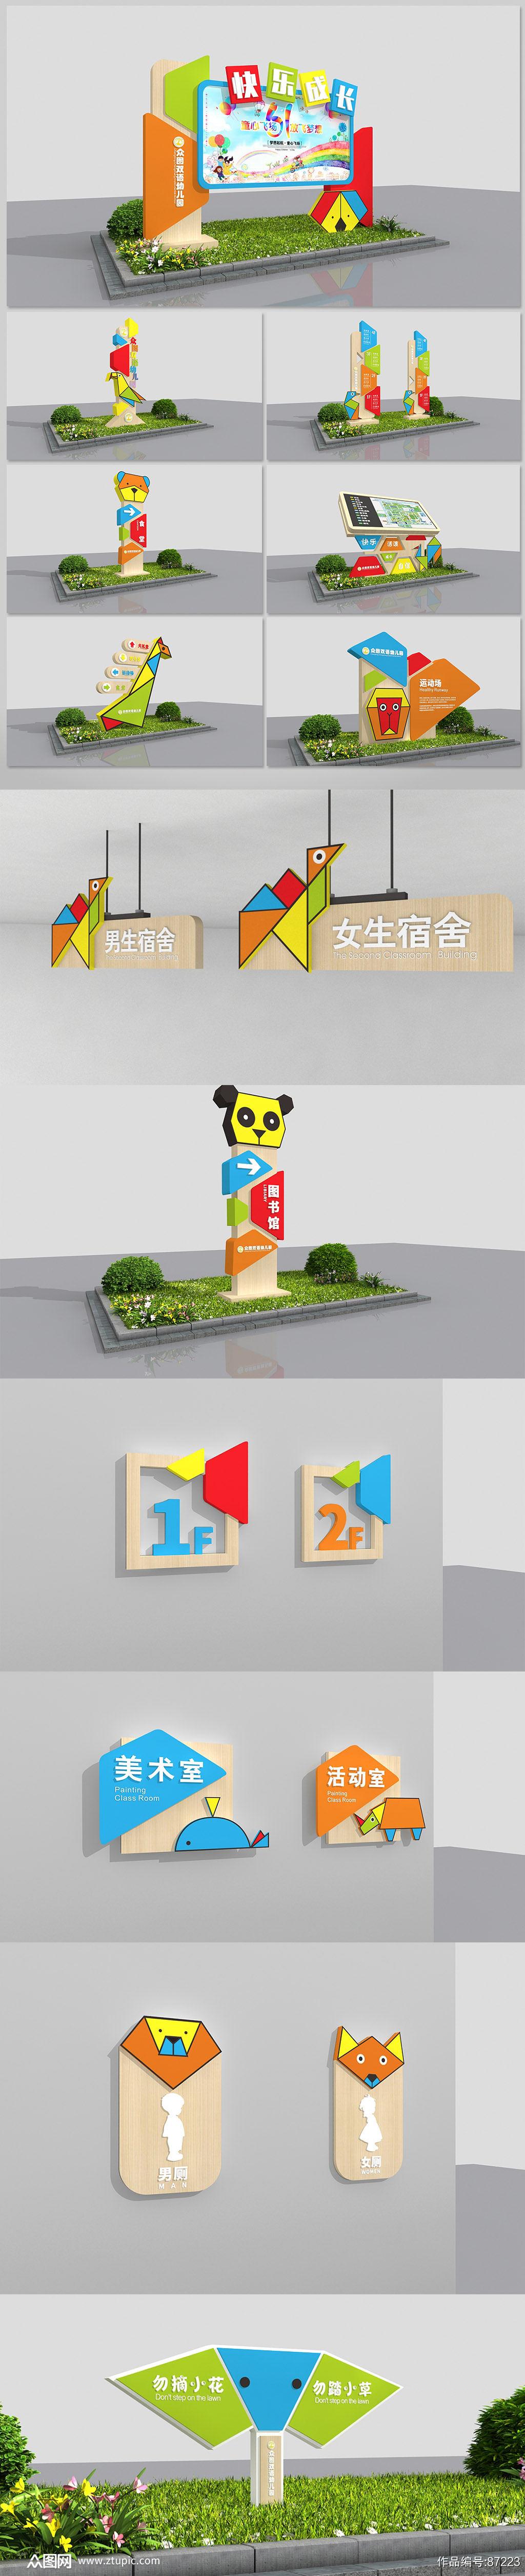 彩色七巧板主题幼儿园导视 精神堡垒素材